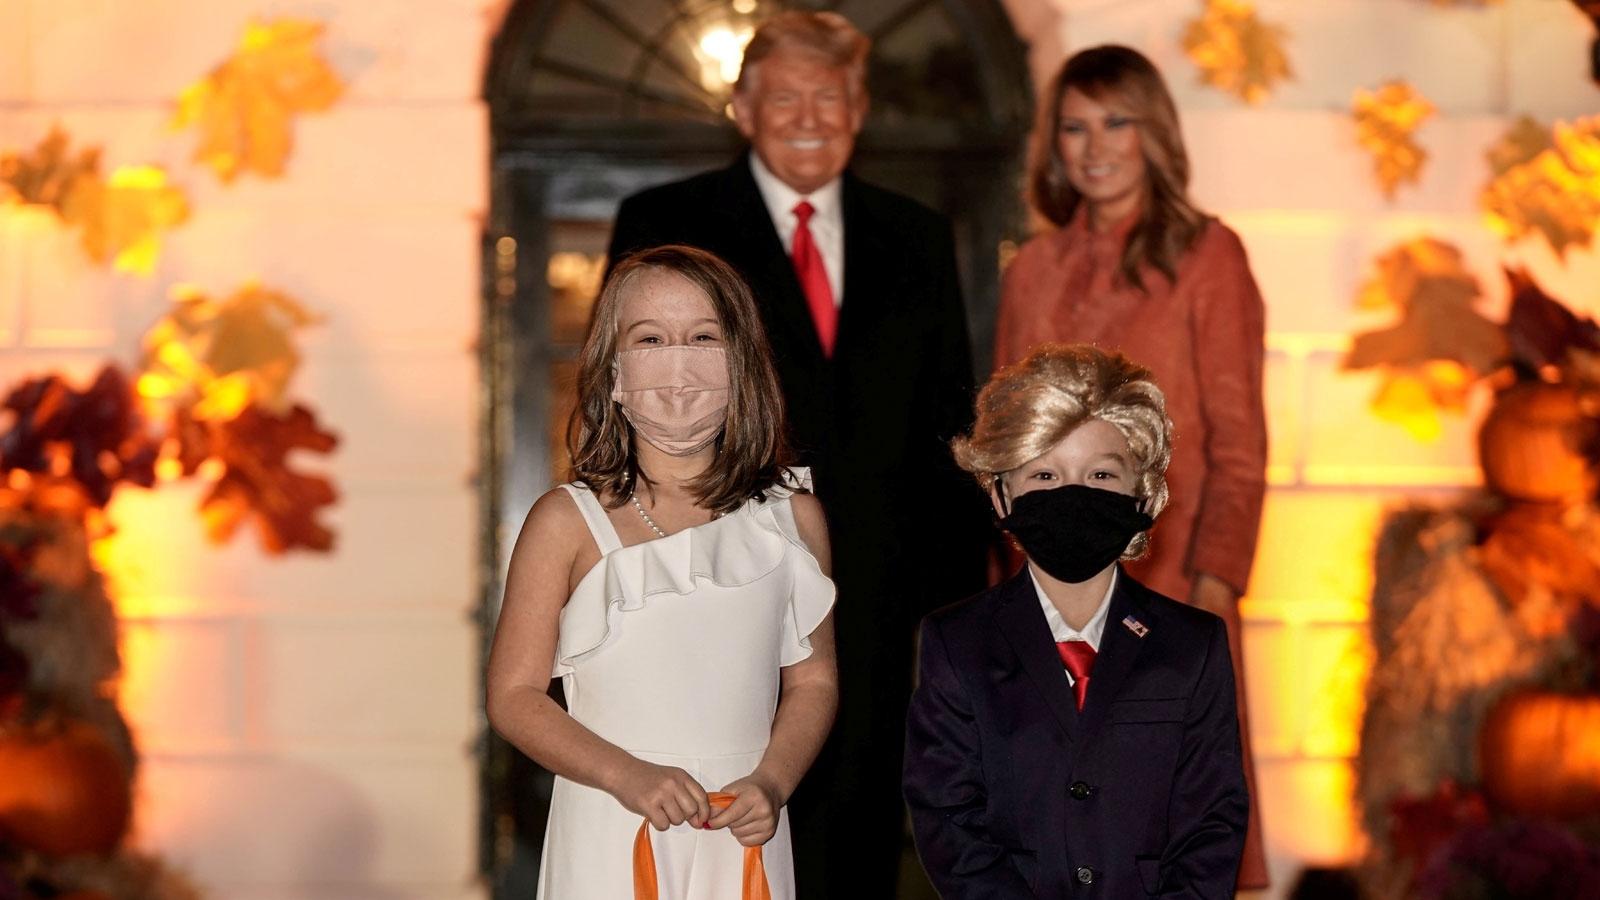 Tổng thống Trump và phu nhân bất ngờ gặp cặp đôi nhí đóng vai mình dịp Halloween